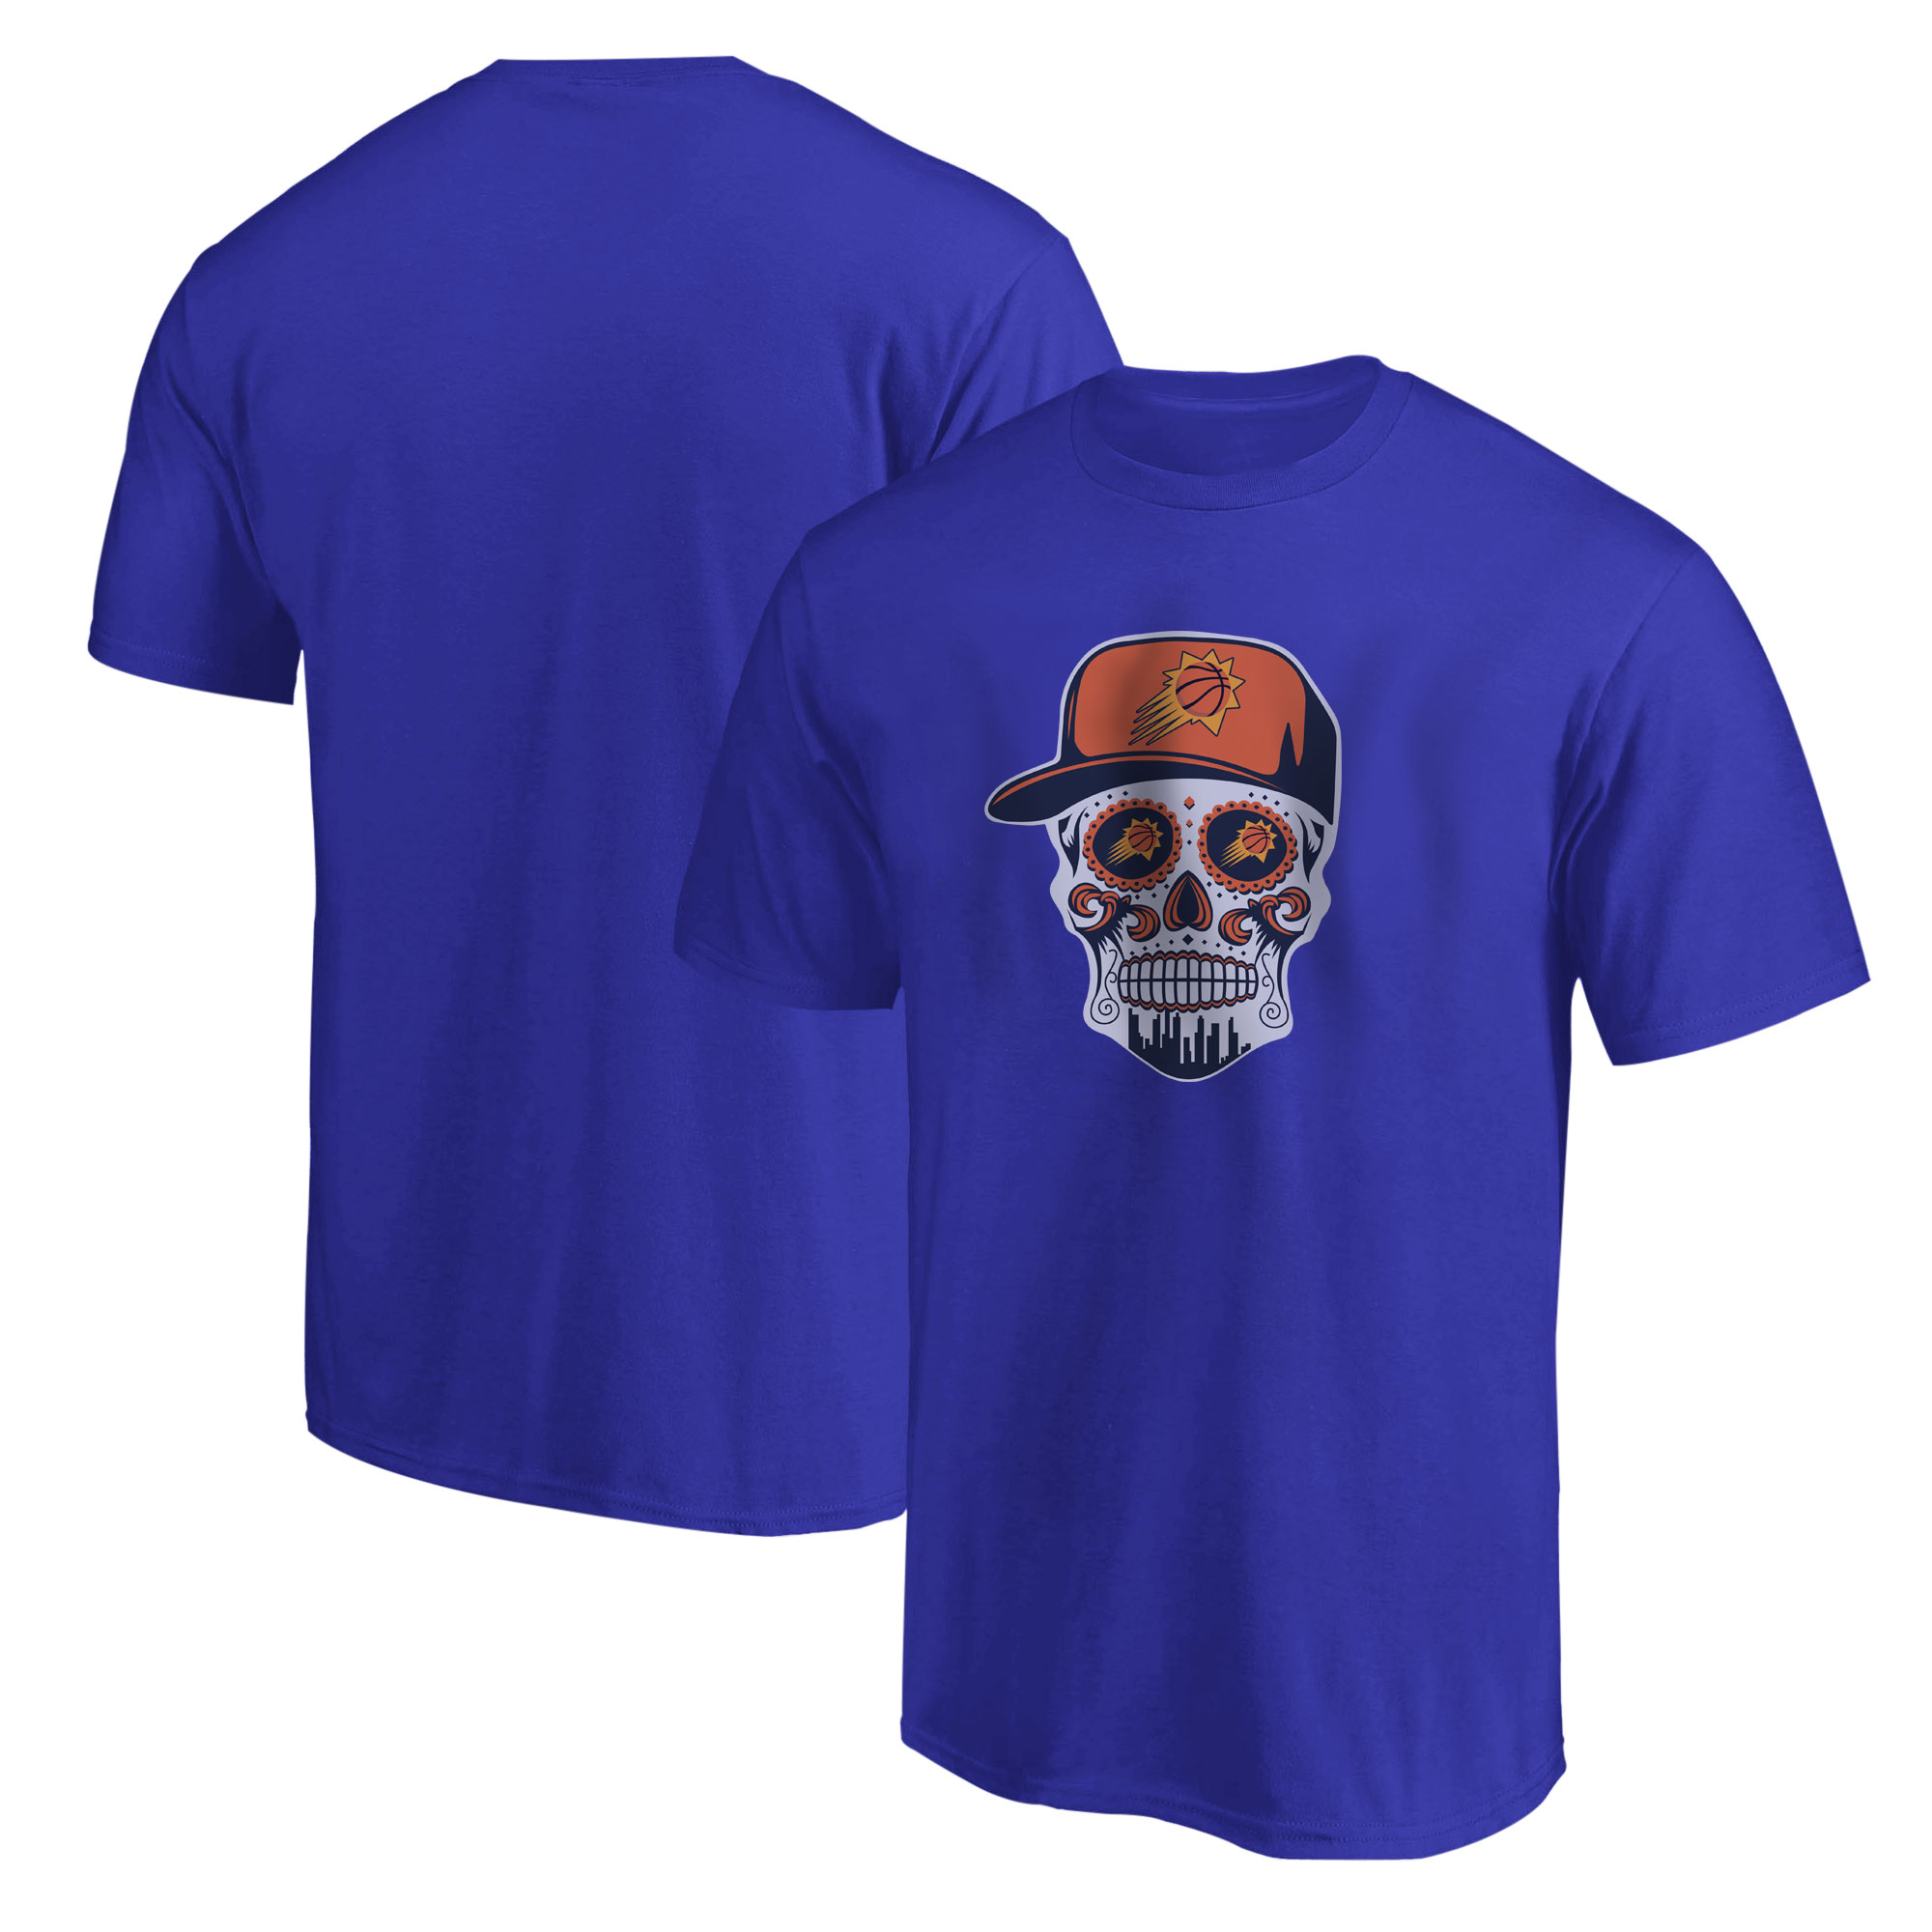 Phoenix Skull Tshirt (TSH-BLU-NP-461-NBA-PHO-SKULL)